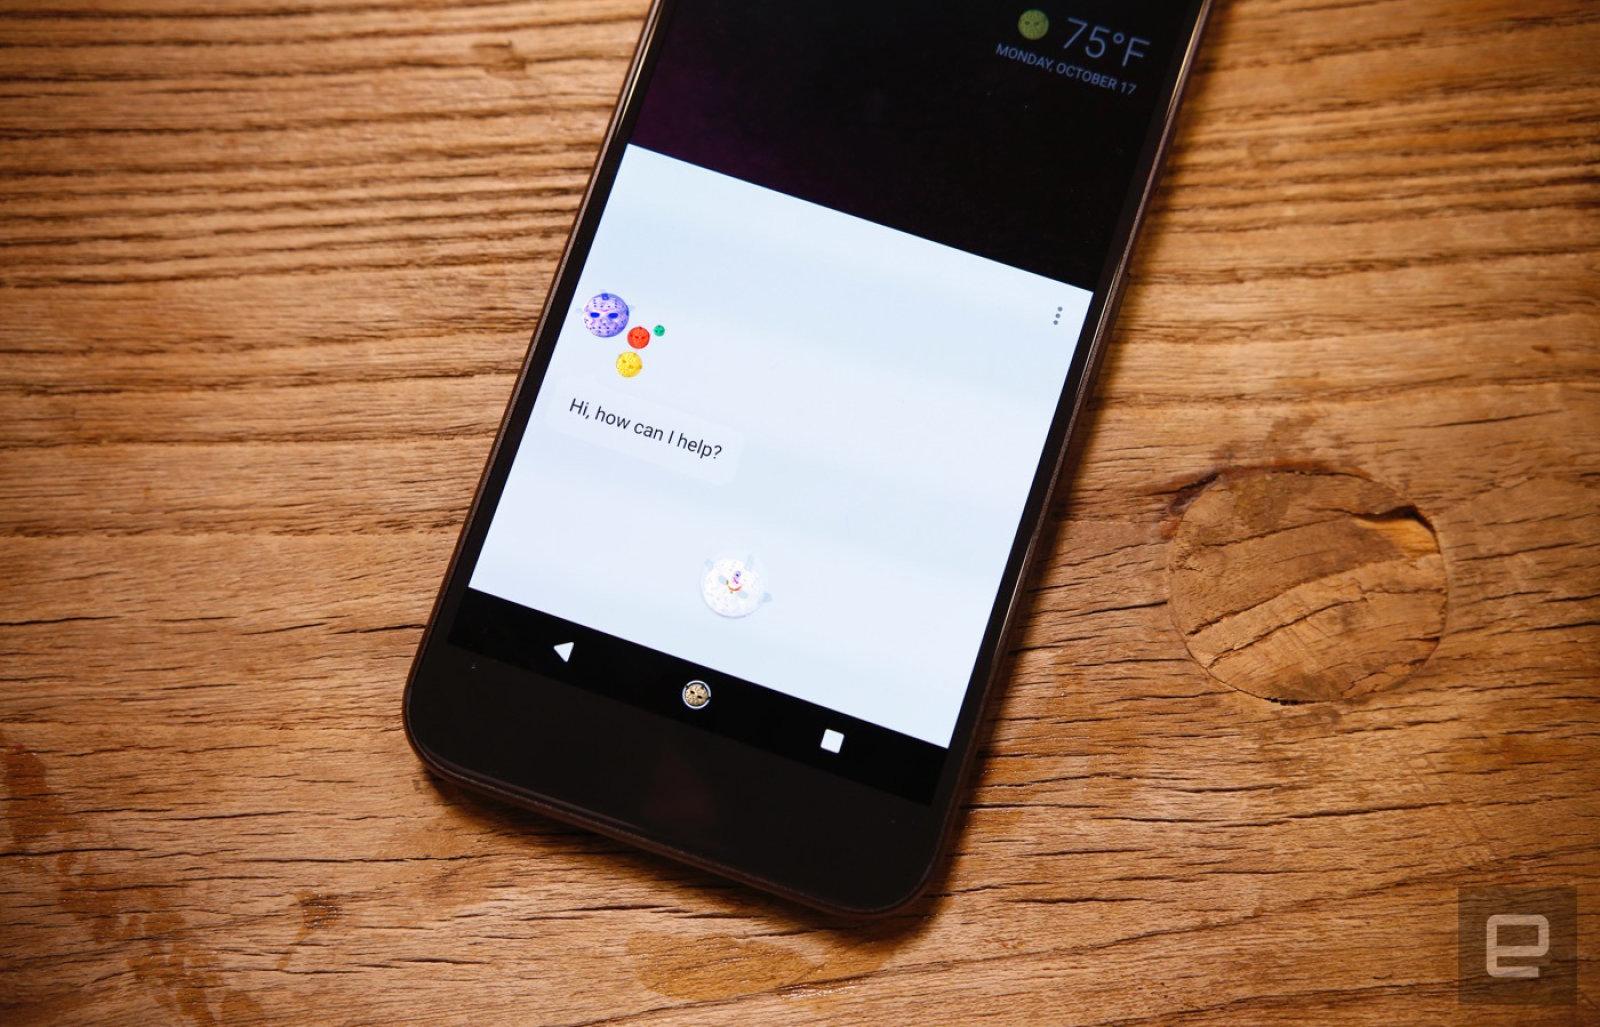 El asistente de Google ya reconoce canciones como Shazam